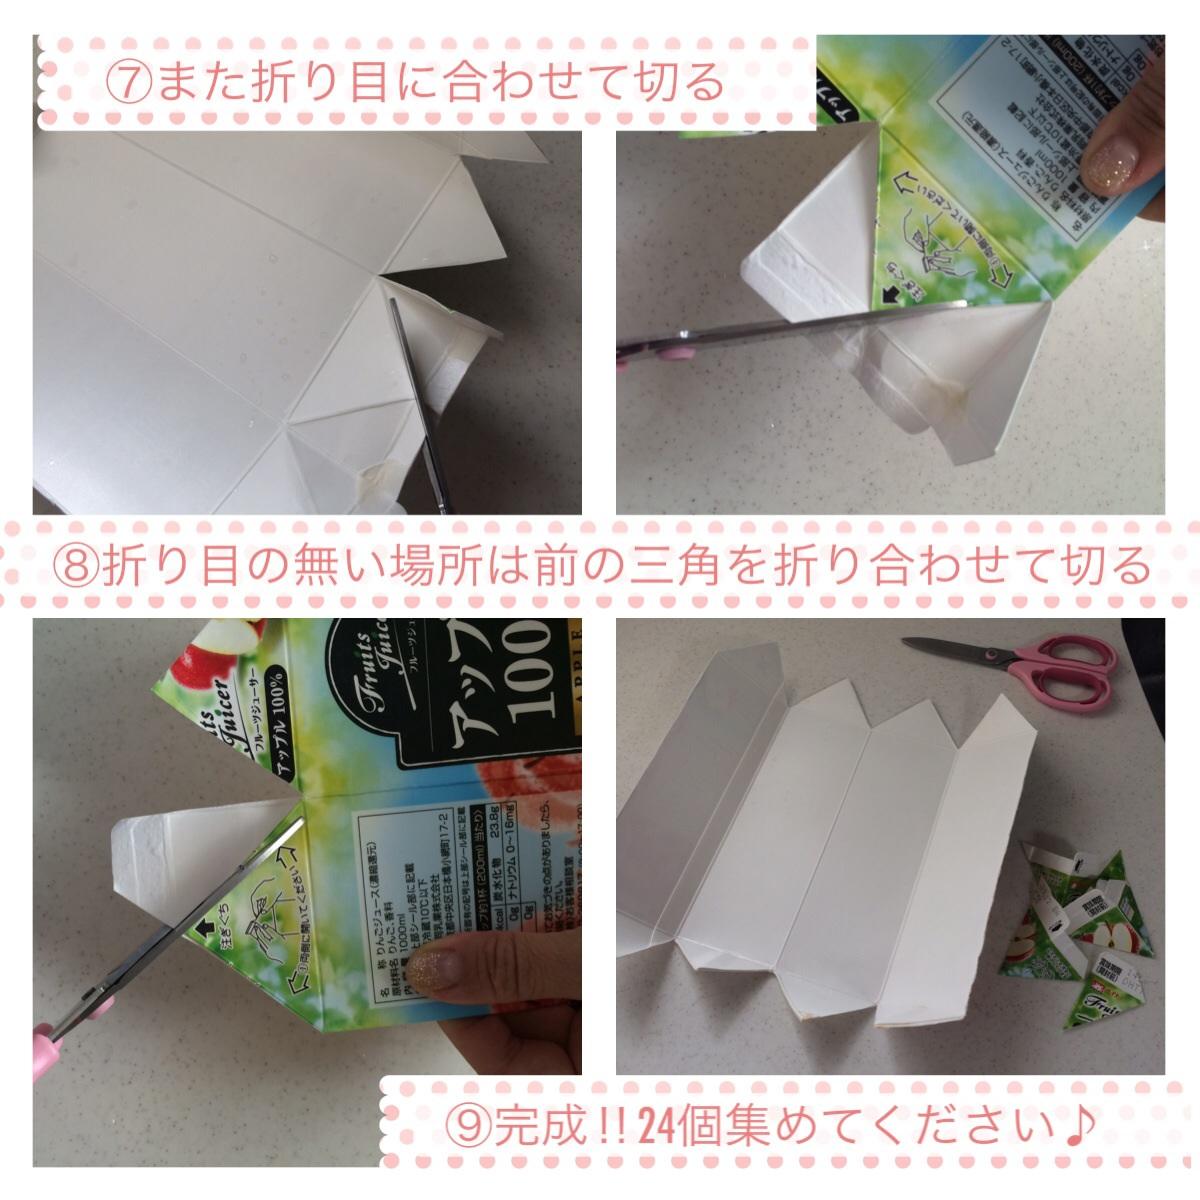 b0349790_20385259.jpg